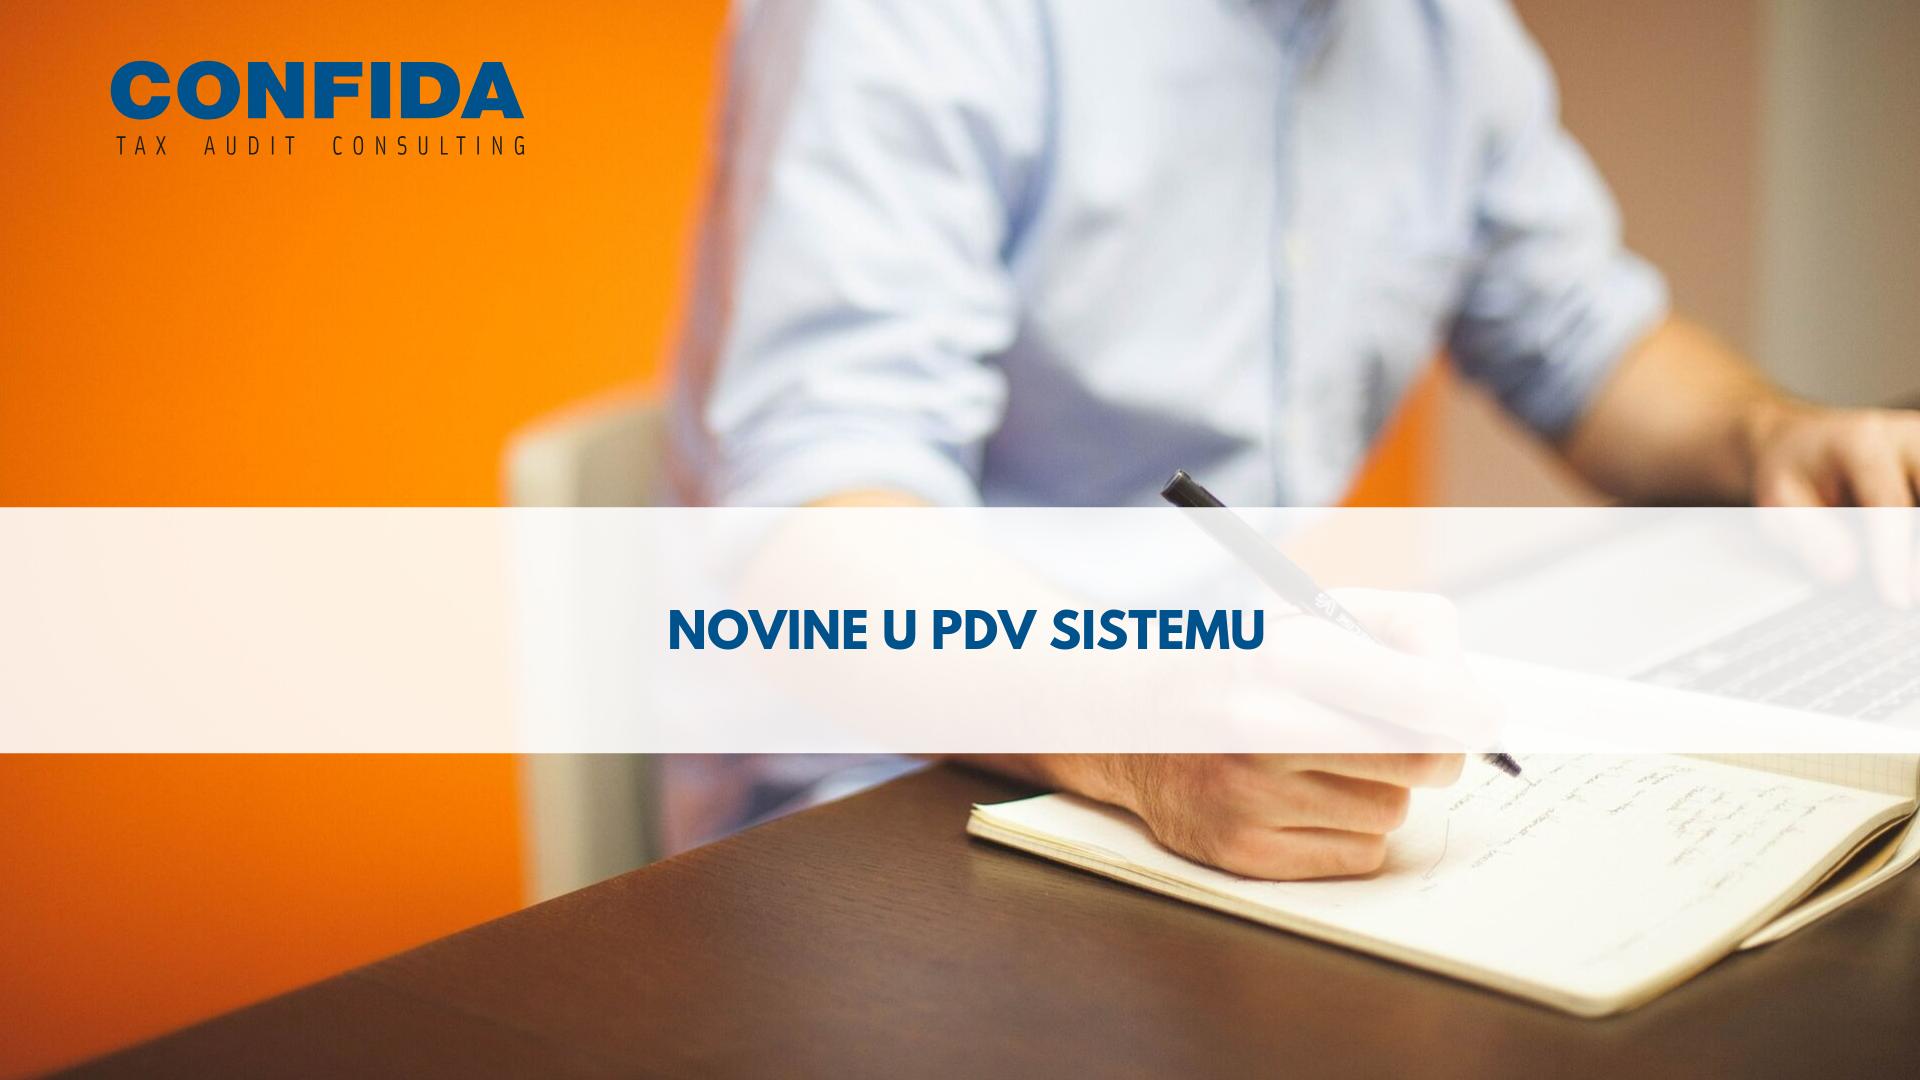 Novine u PDV sistemu